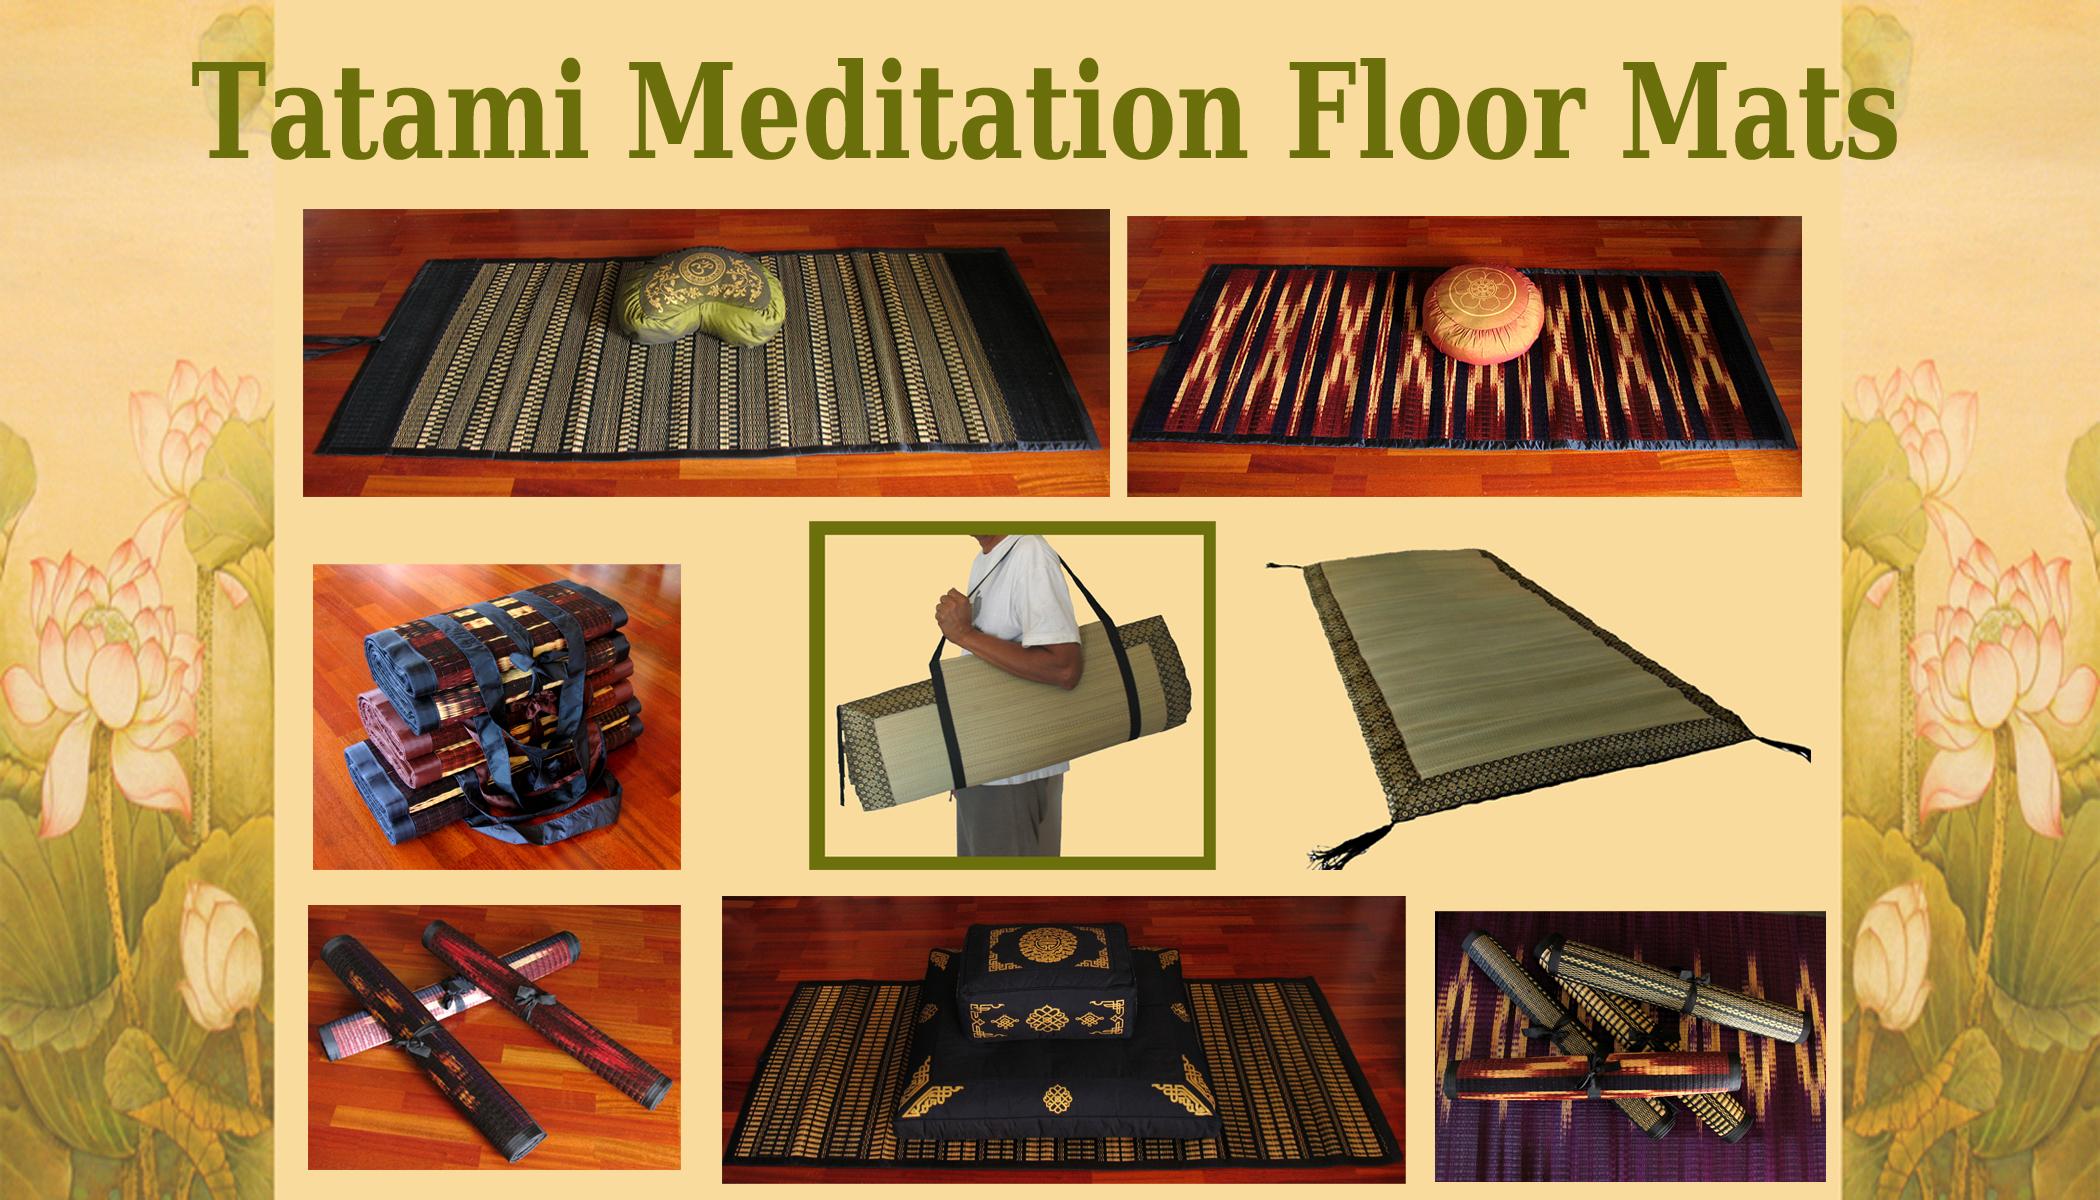 tatami-meditation-floor-mats.jpg